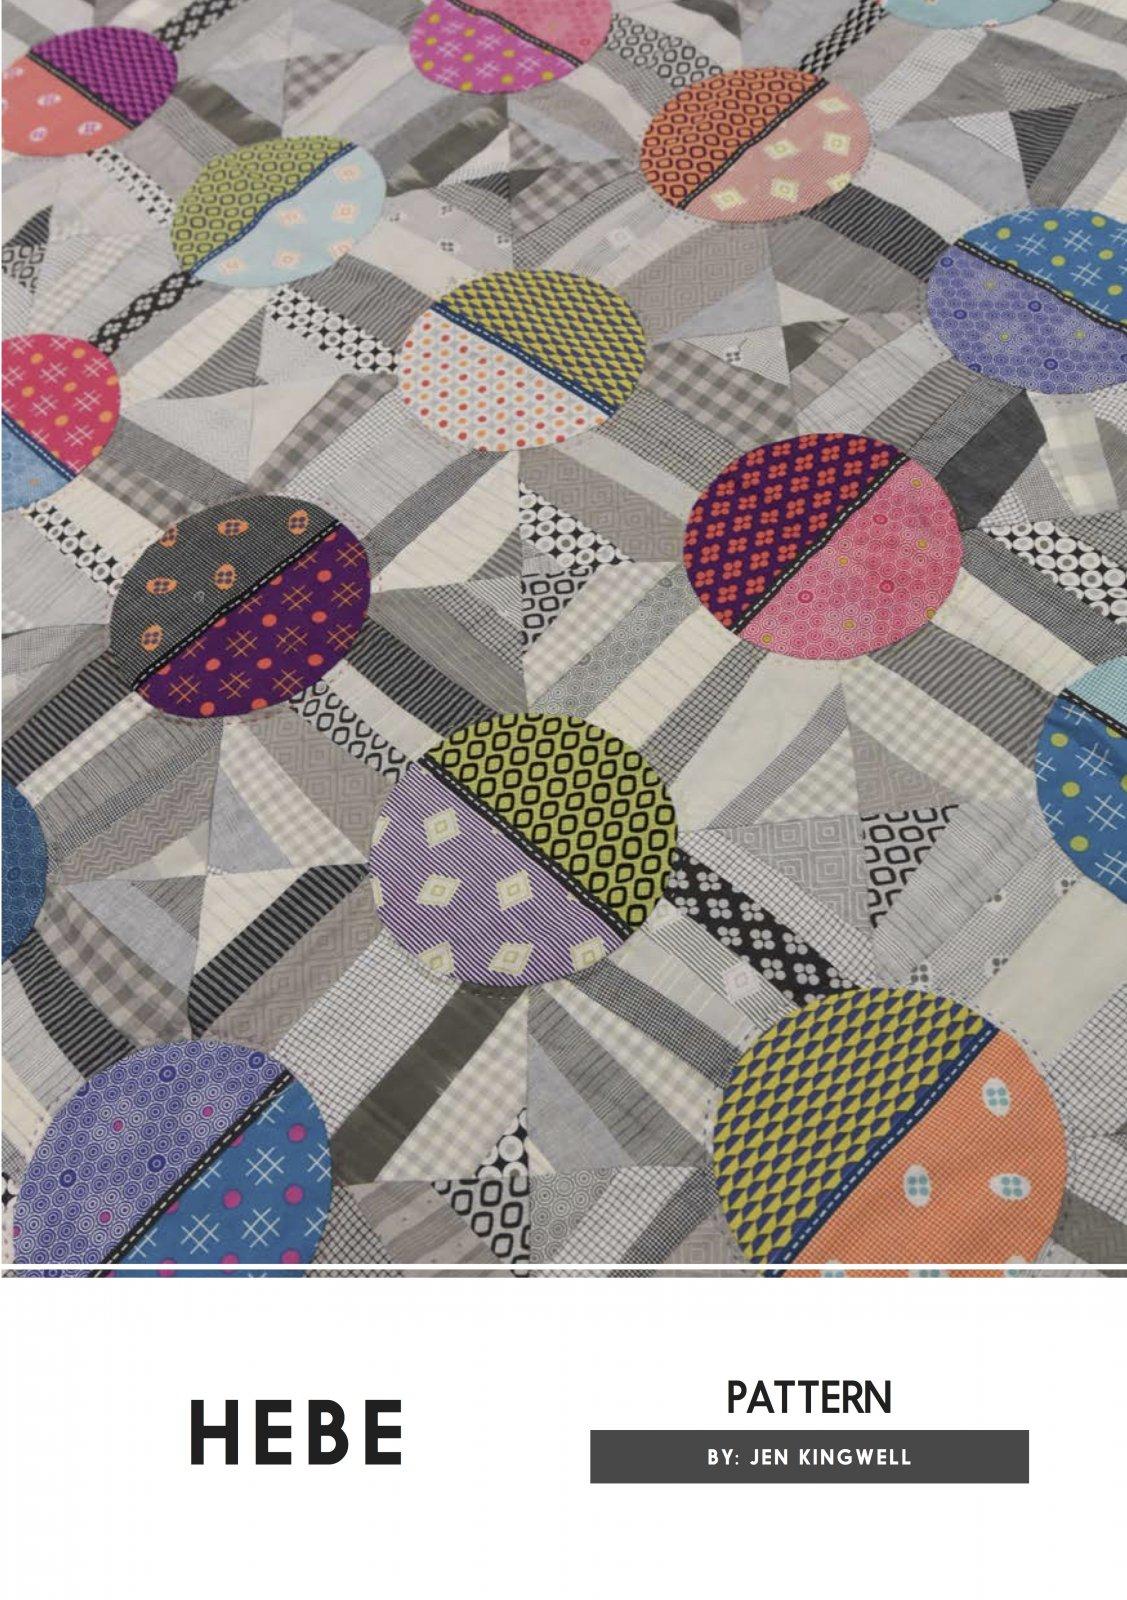 Hebe Pattern by Jen Kingwell Designs